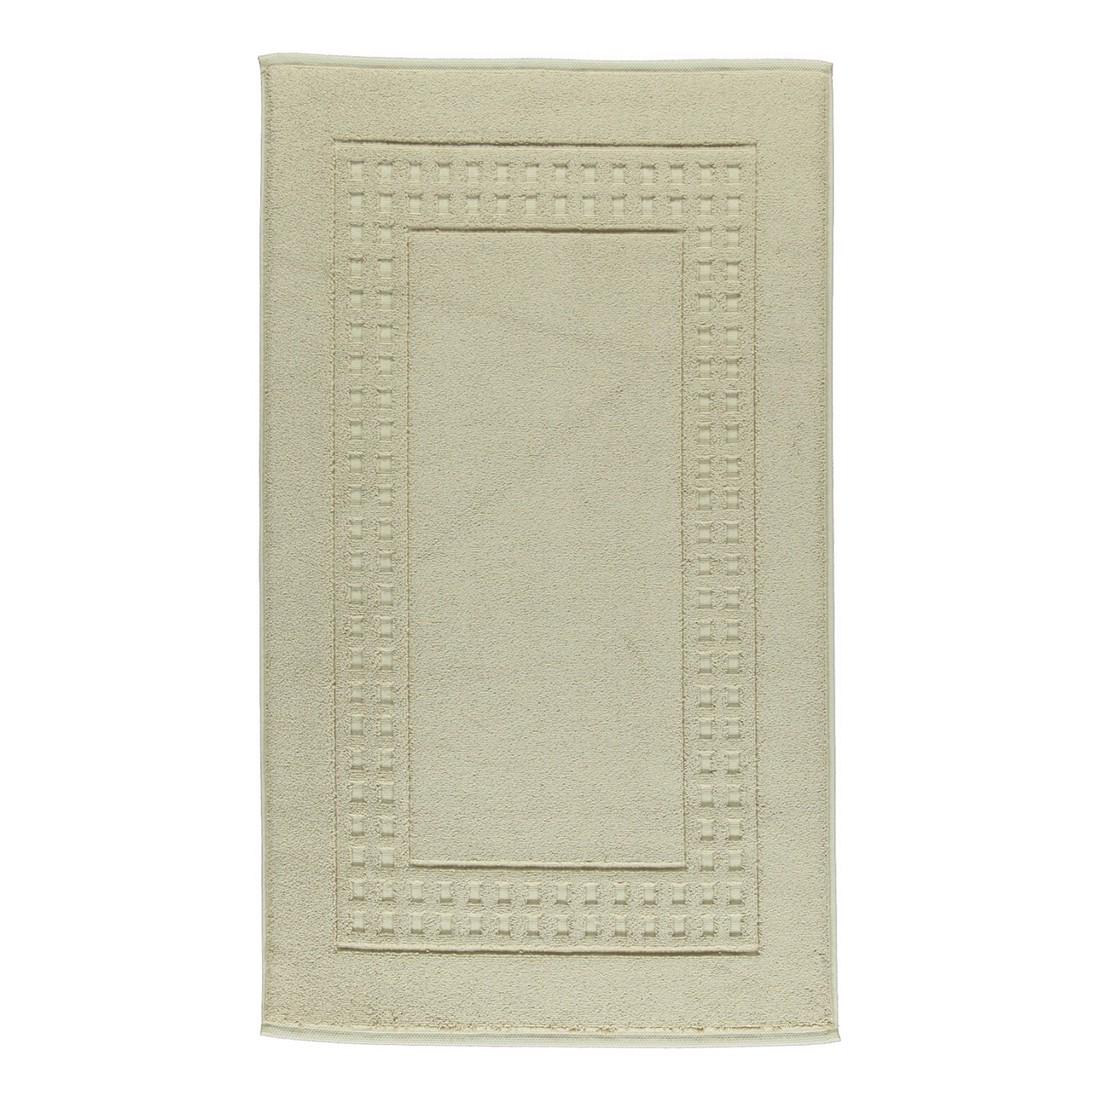 Badteppich Country – 100% Baumwolle tibet/ivory – 061 – Abmessungen: 60 x 100 cm, Vossen günstig online kaufen